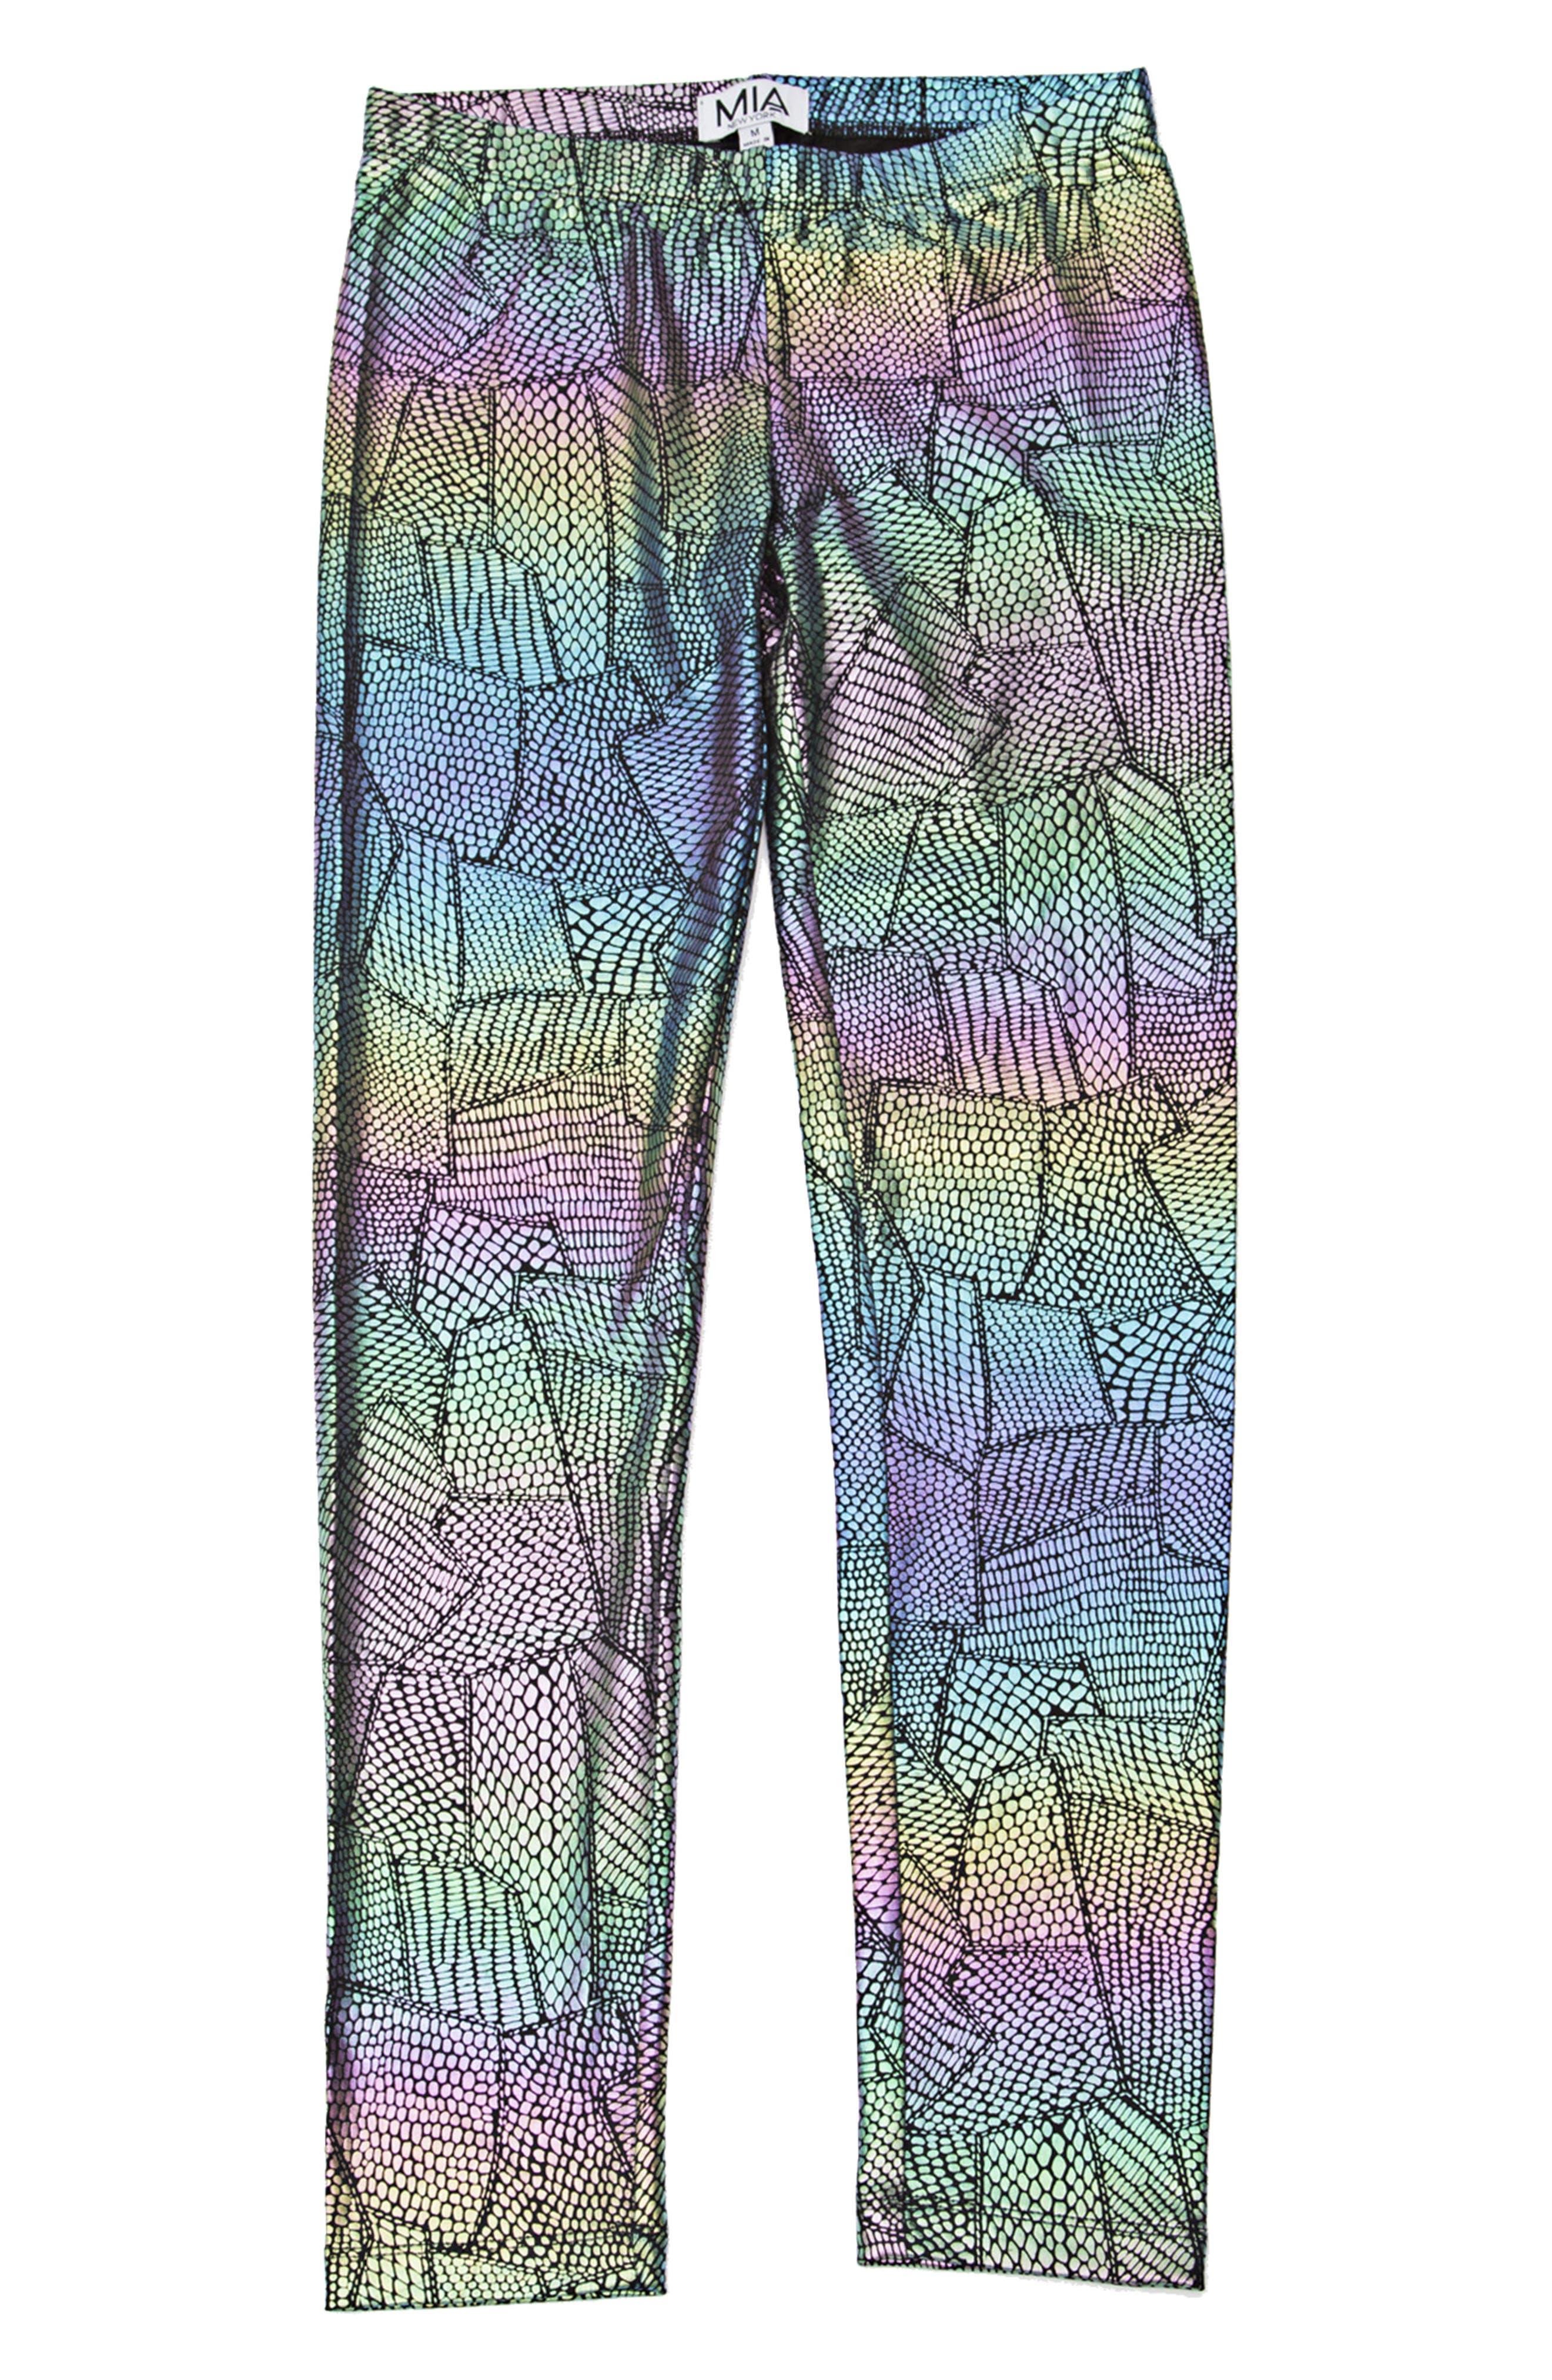 Crazy Print Leggings,                         Main,                         color, Green